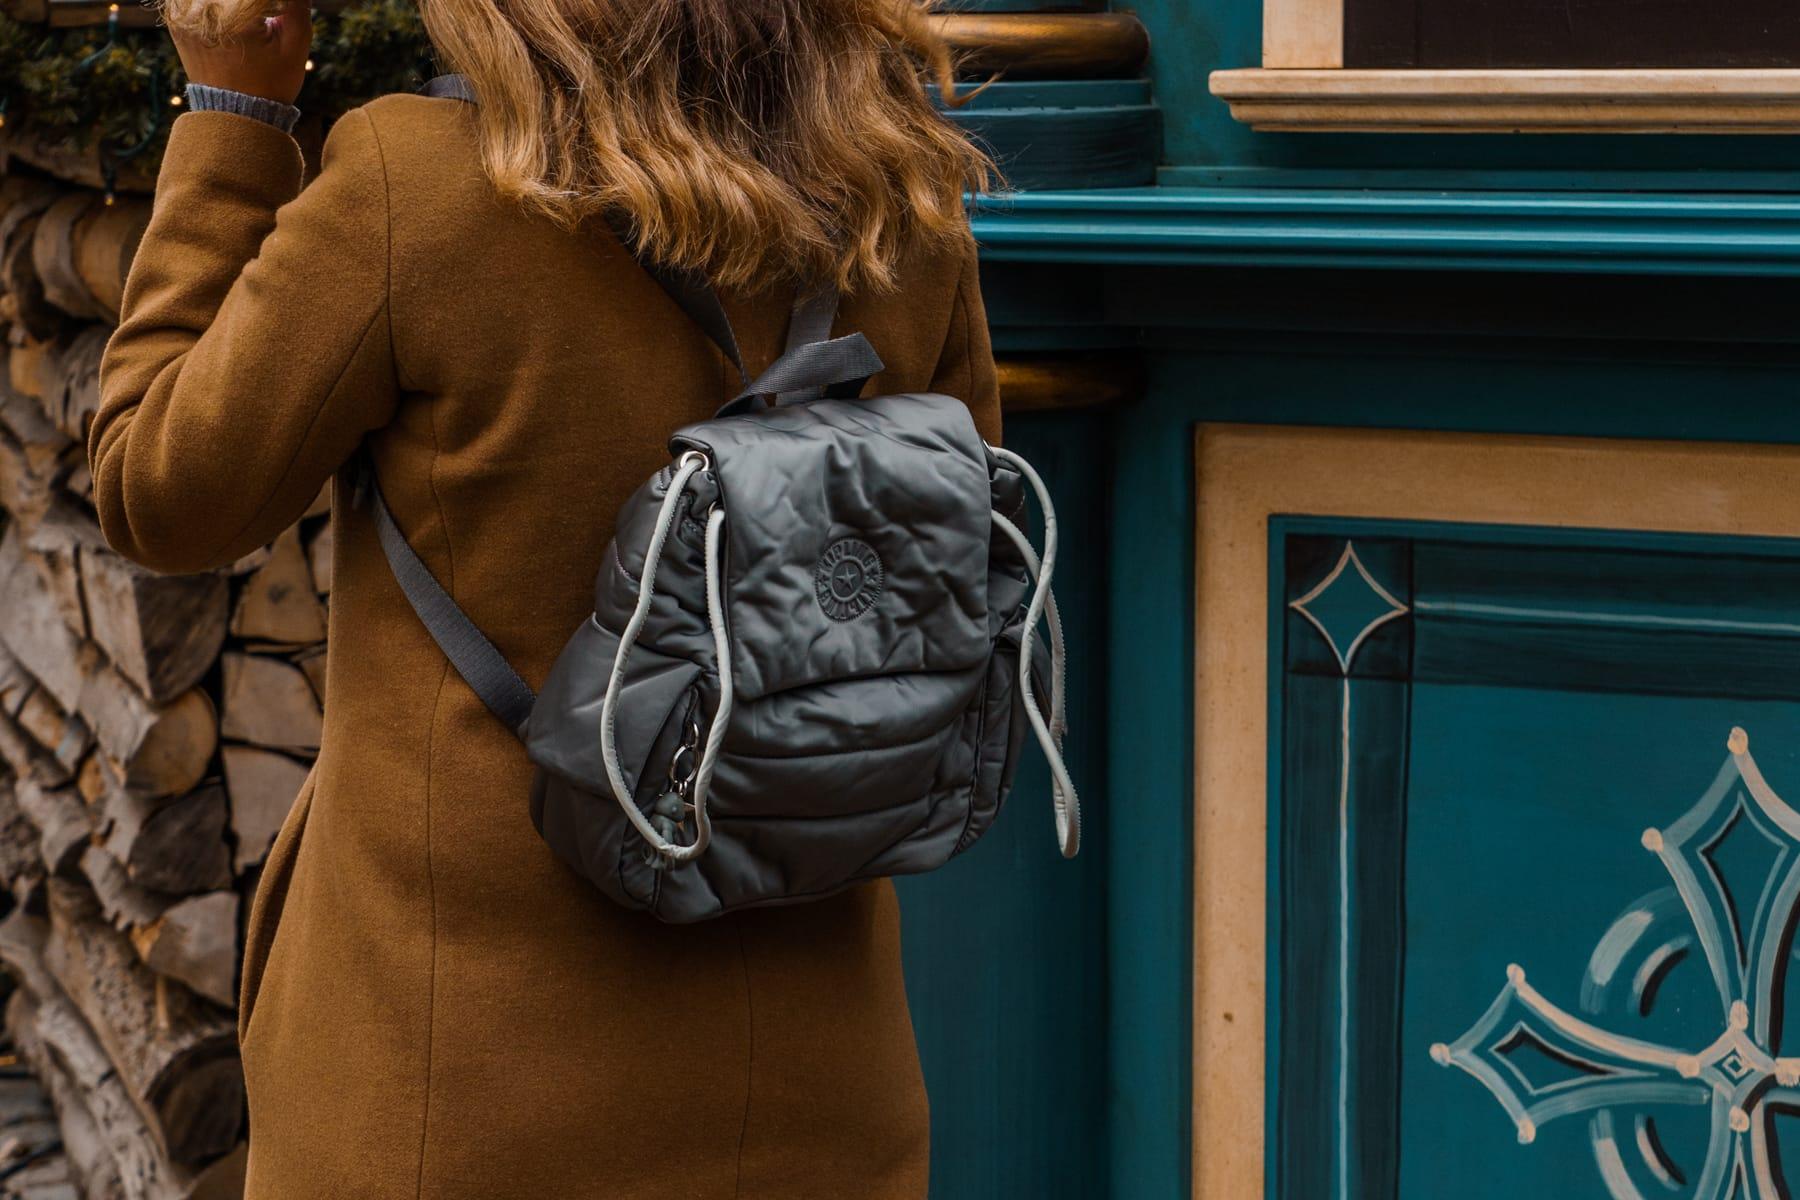 Adventskalender Türchen 22: Kipling Rucksack im Wert von 100 Euro